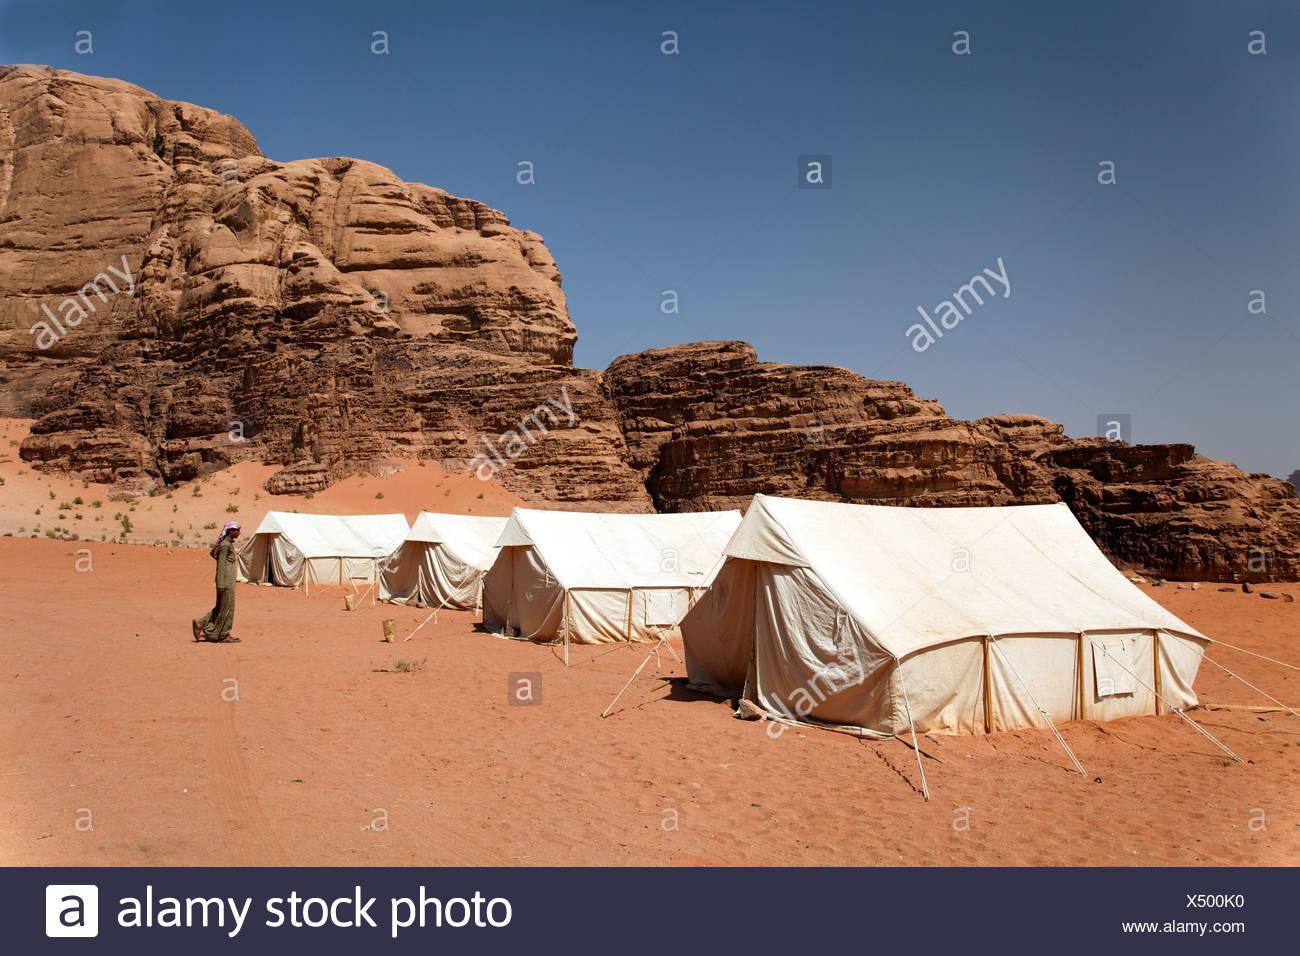 Campamento para turistas, tiendas de campaña, los beduinos, montañas, desiertos, preservar la naturaleza, Wadi Rum, Reino Hachemita de Jordania, Oriente Medio, Asia Imagen De Stock